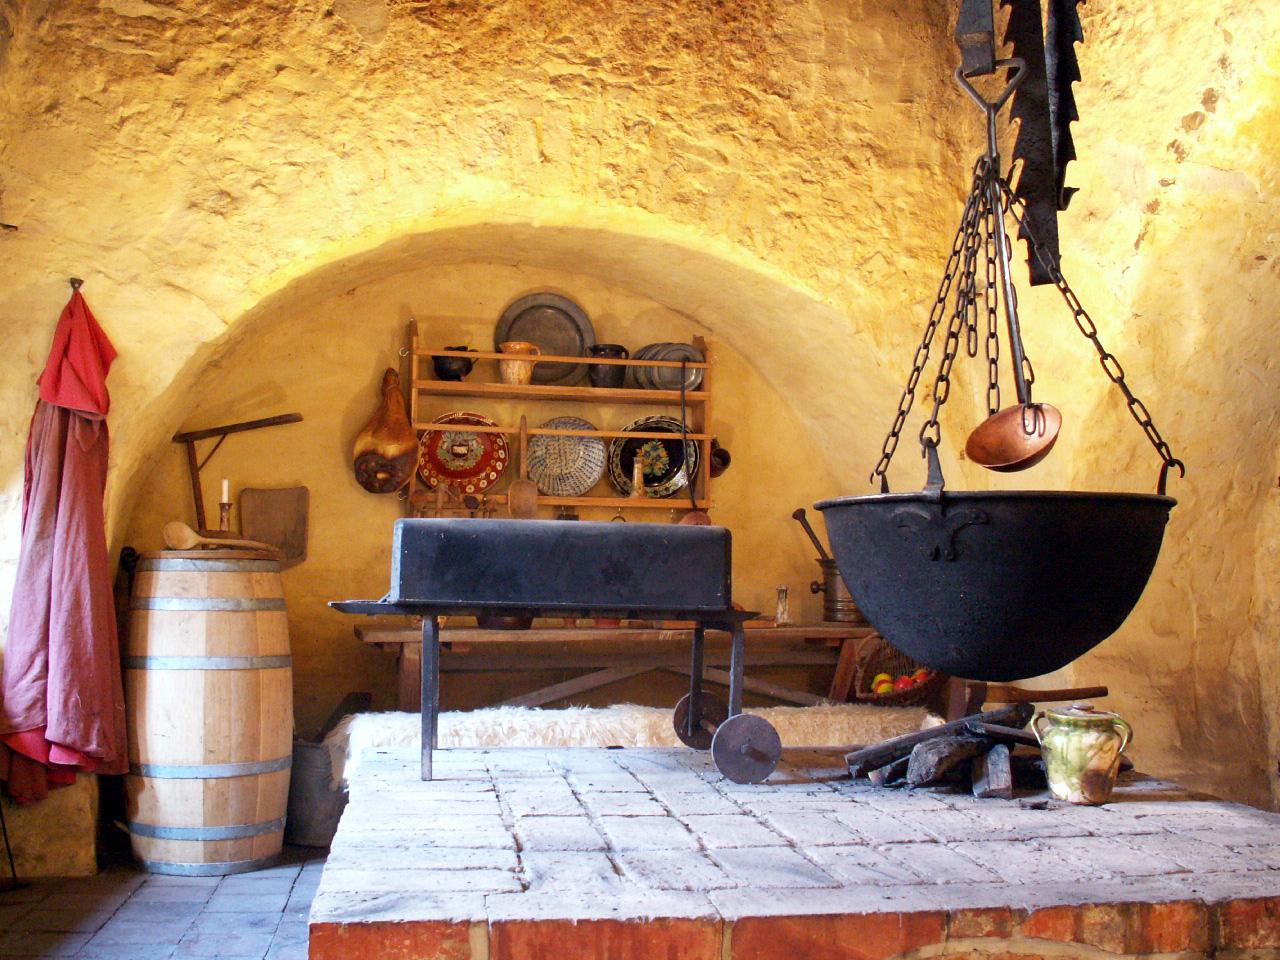 Кухня в замке картинки